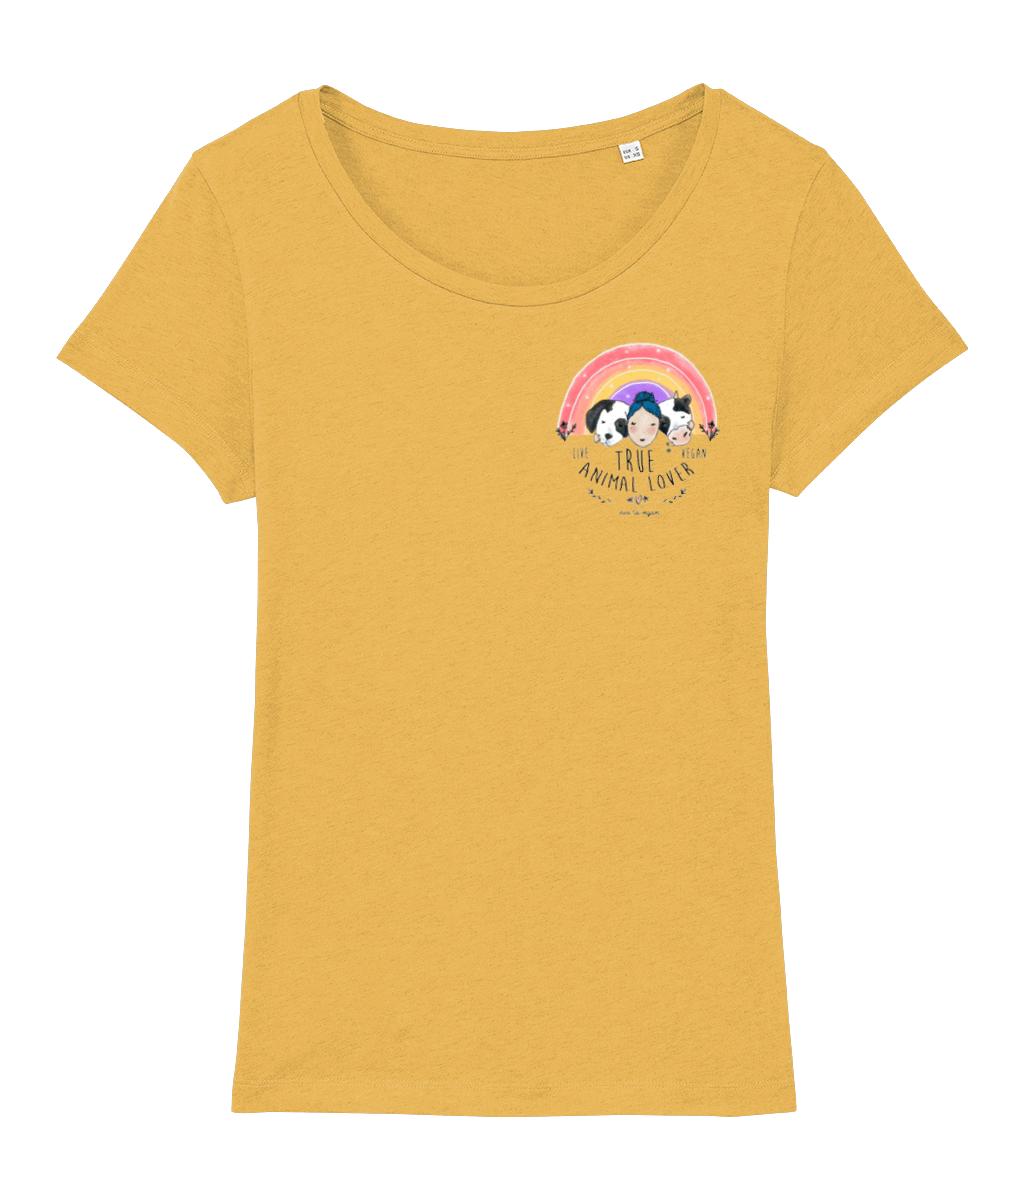 True Animal Lover T-shirt flat